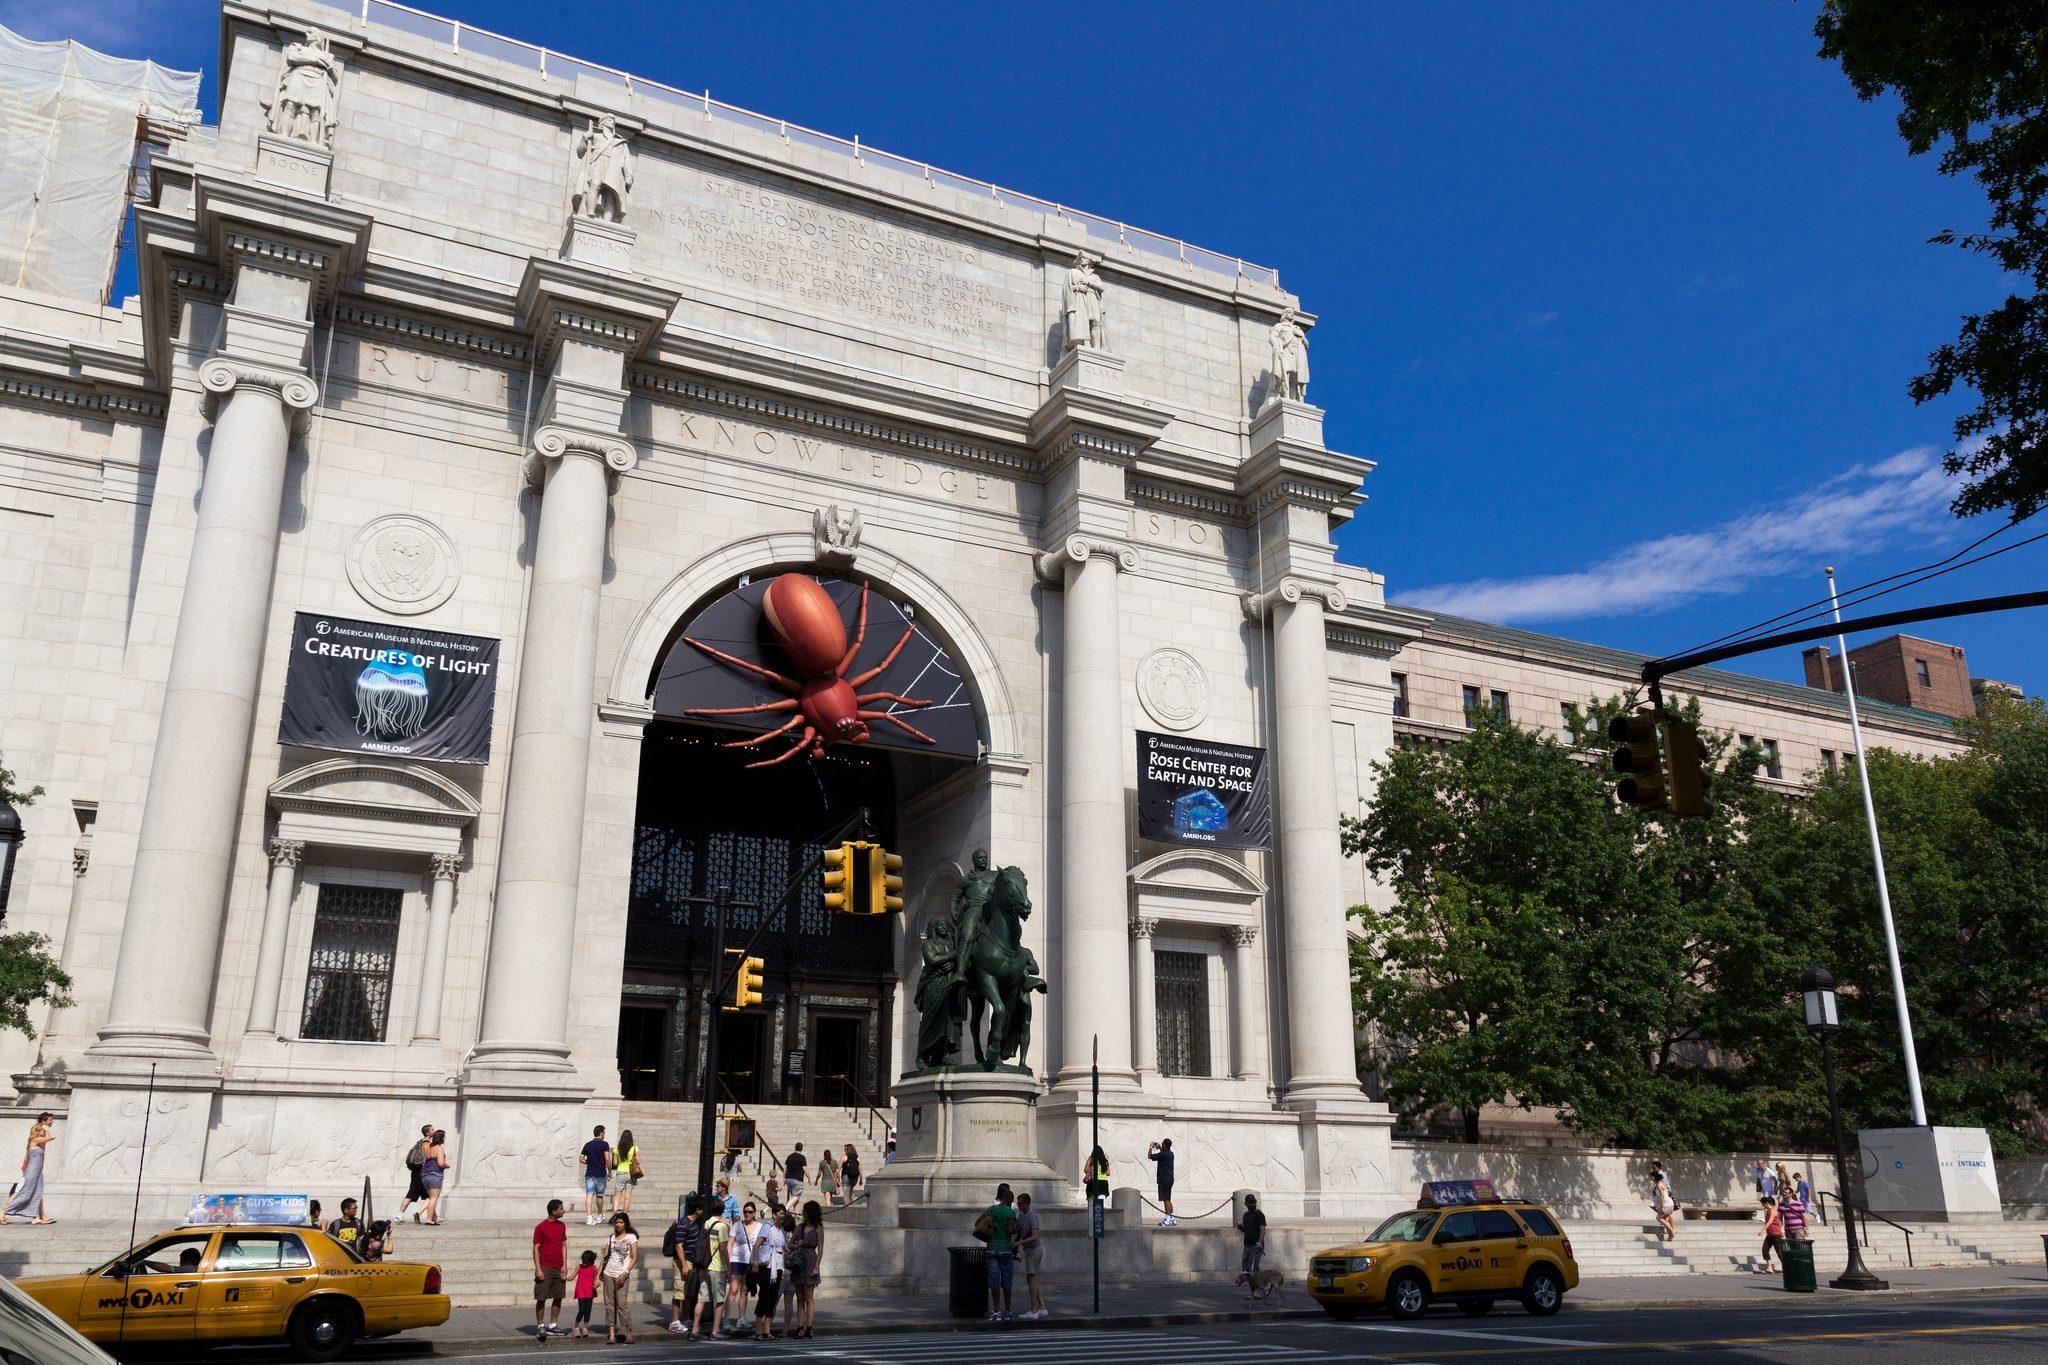 La façade du musée d'Histoire naturelle de New York